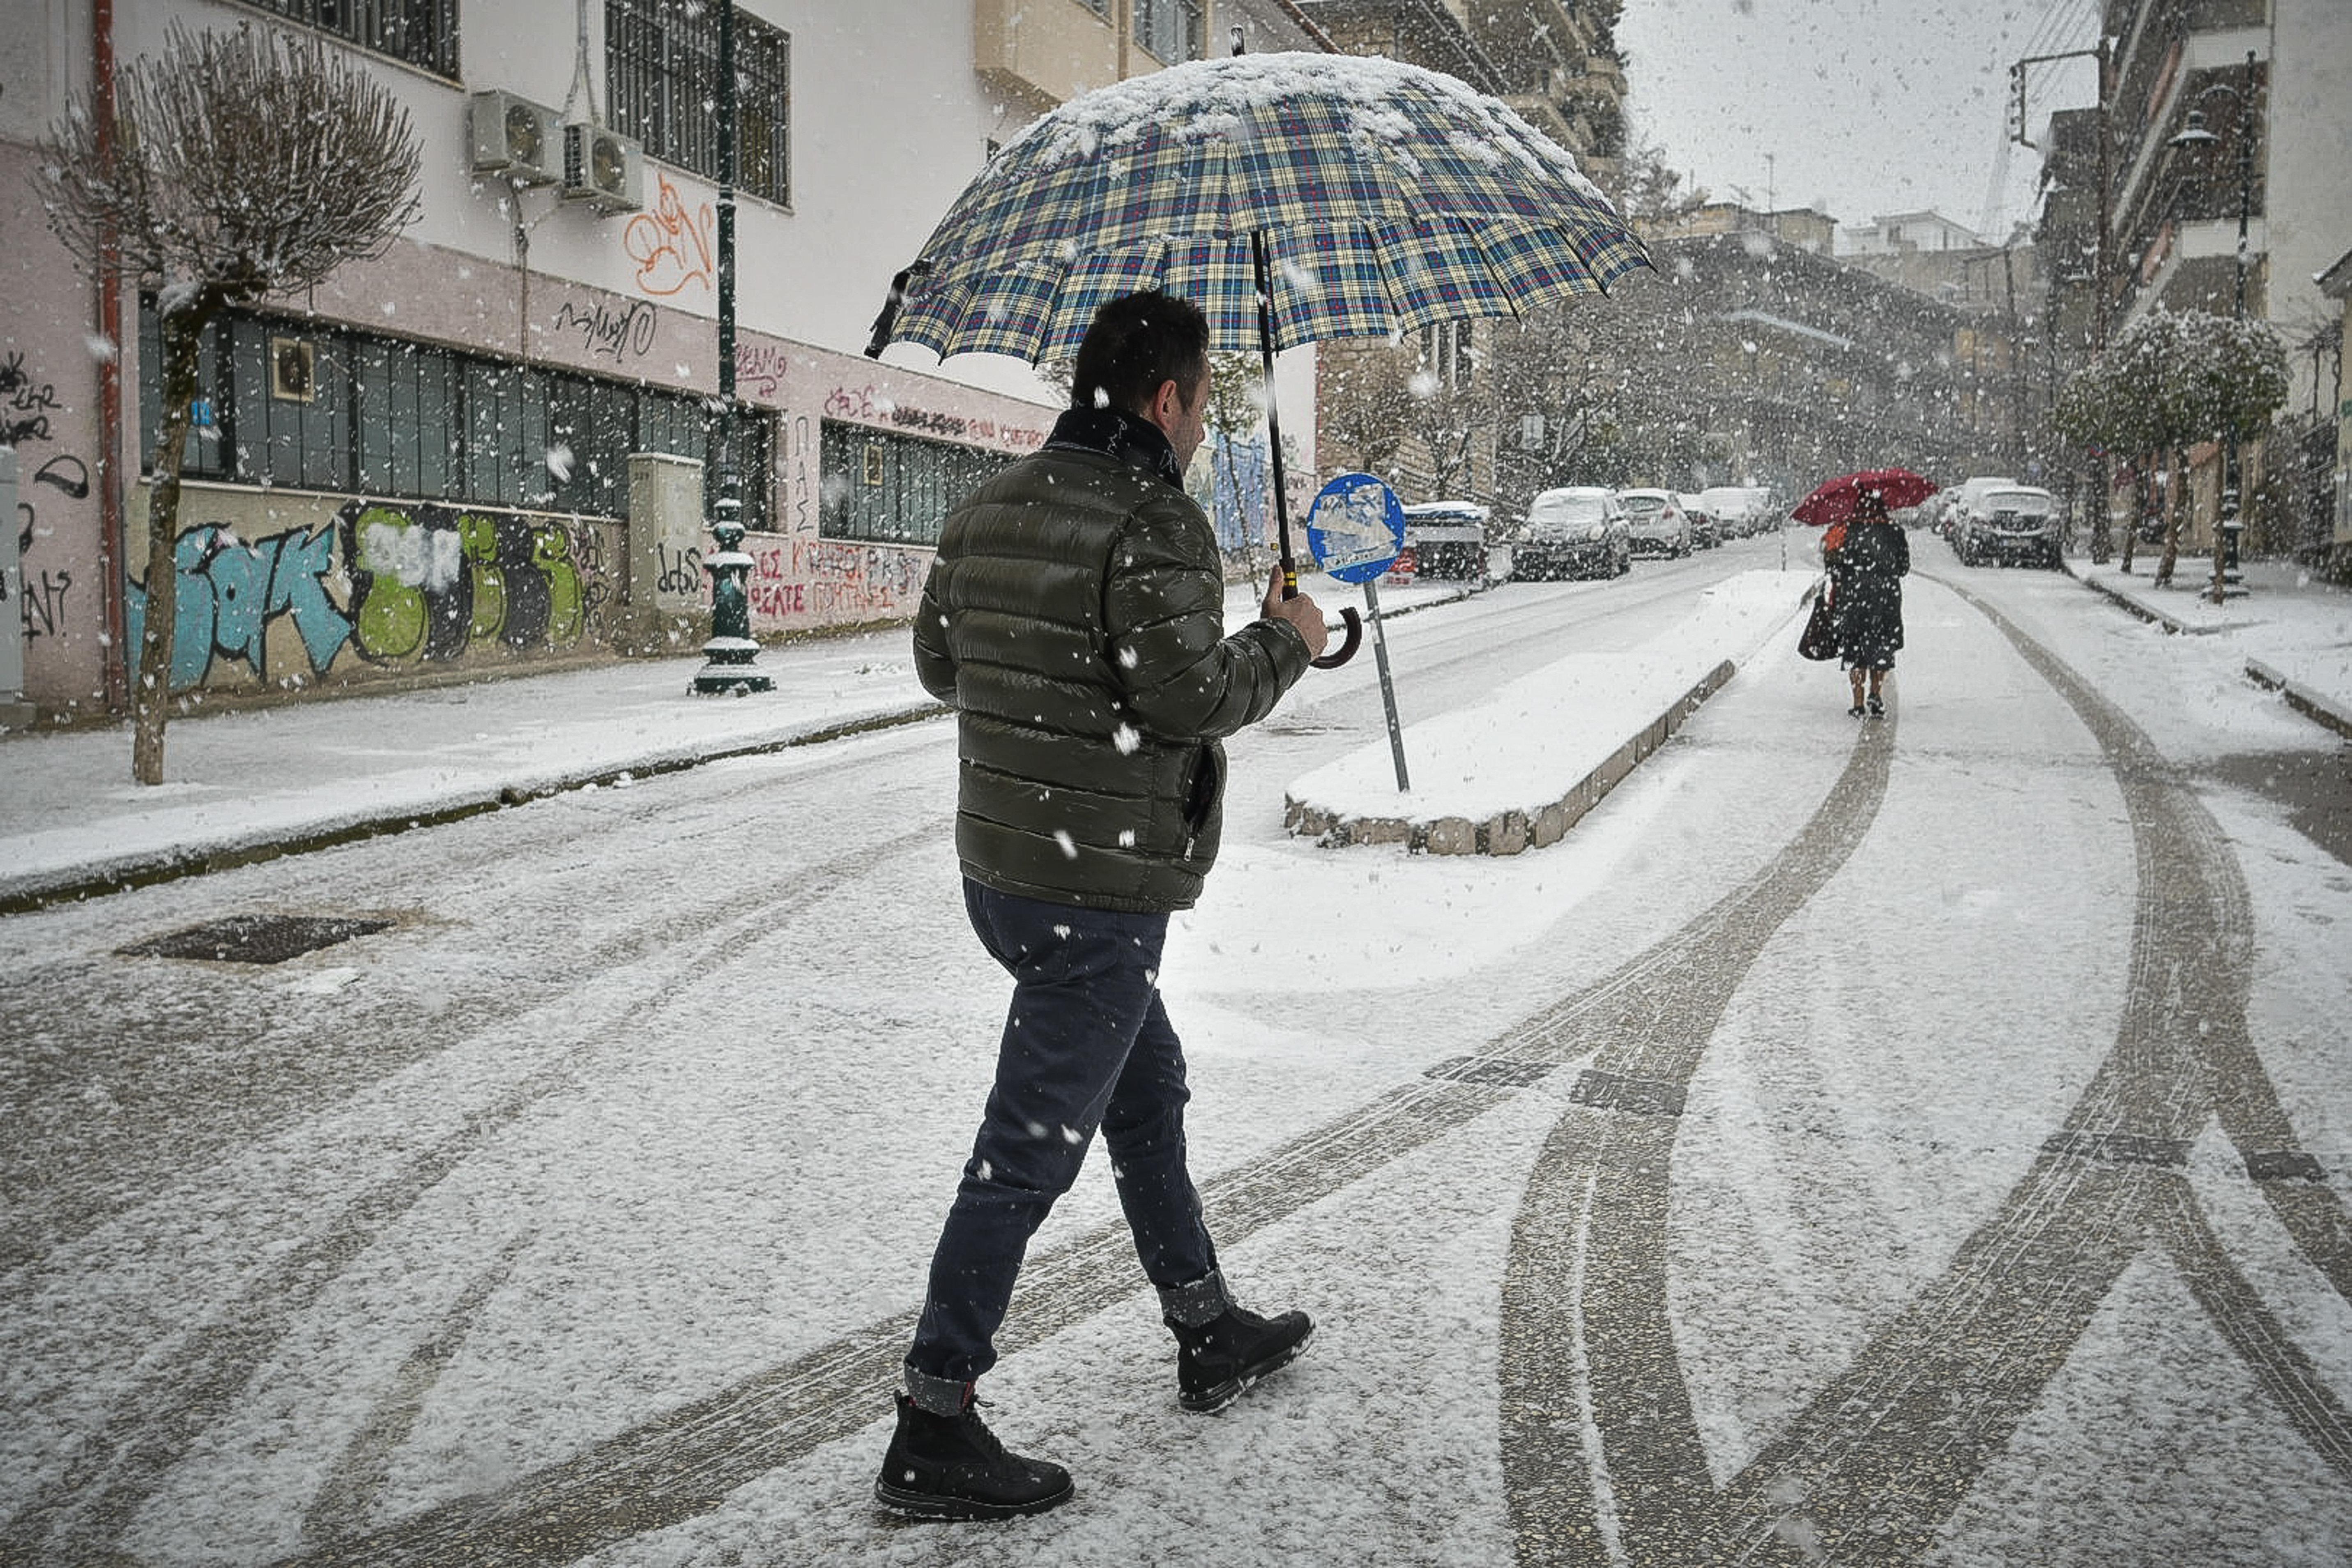 ΕΜΥ: Νέα επιδείνωση του καιρού με θερμοκρασίες υπό του μηδενός από τη